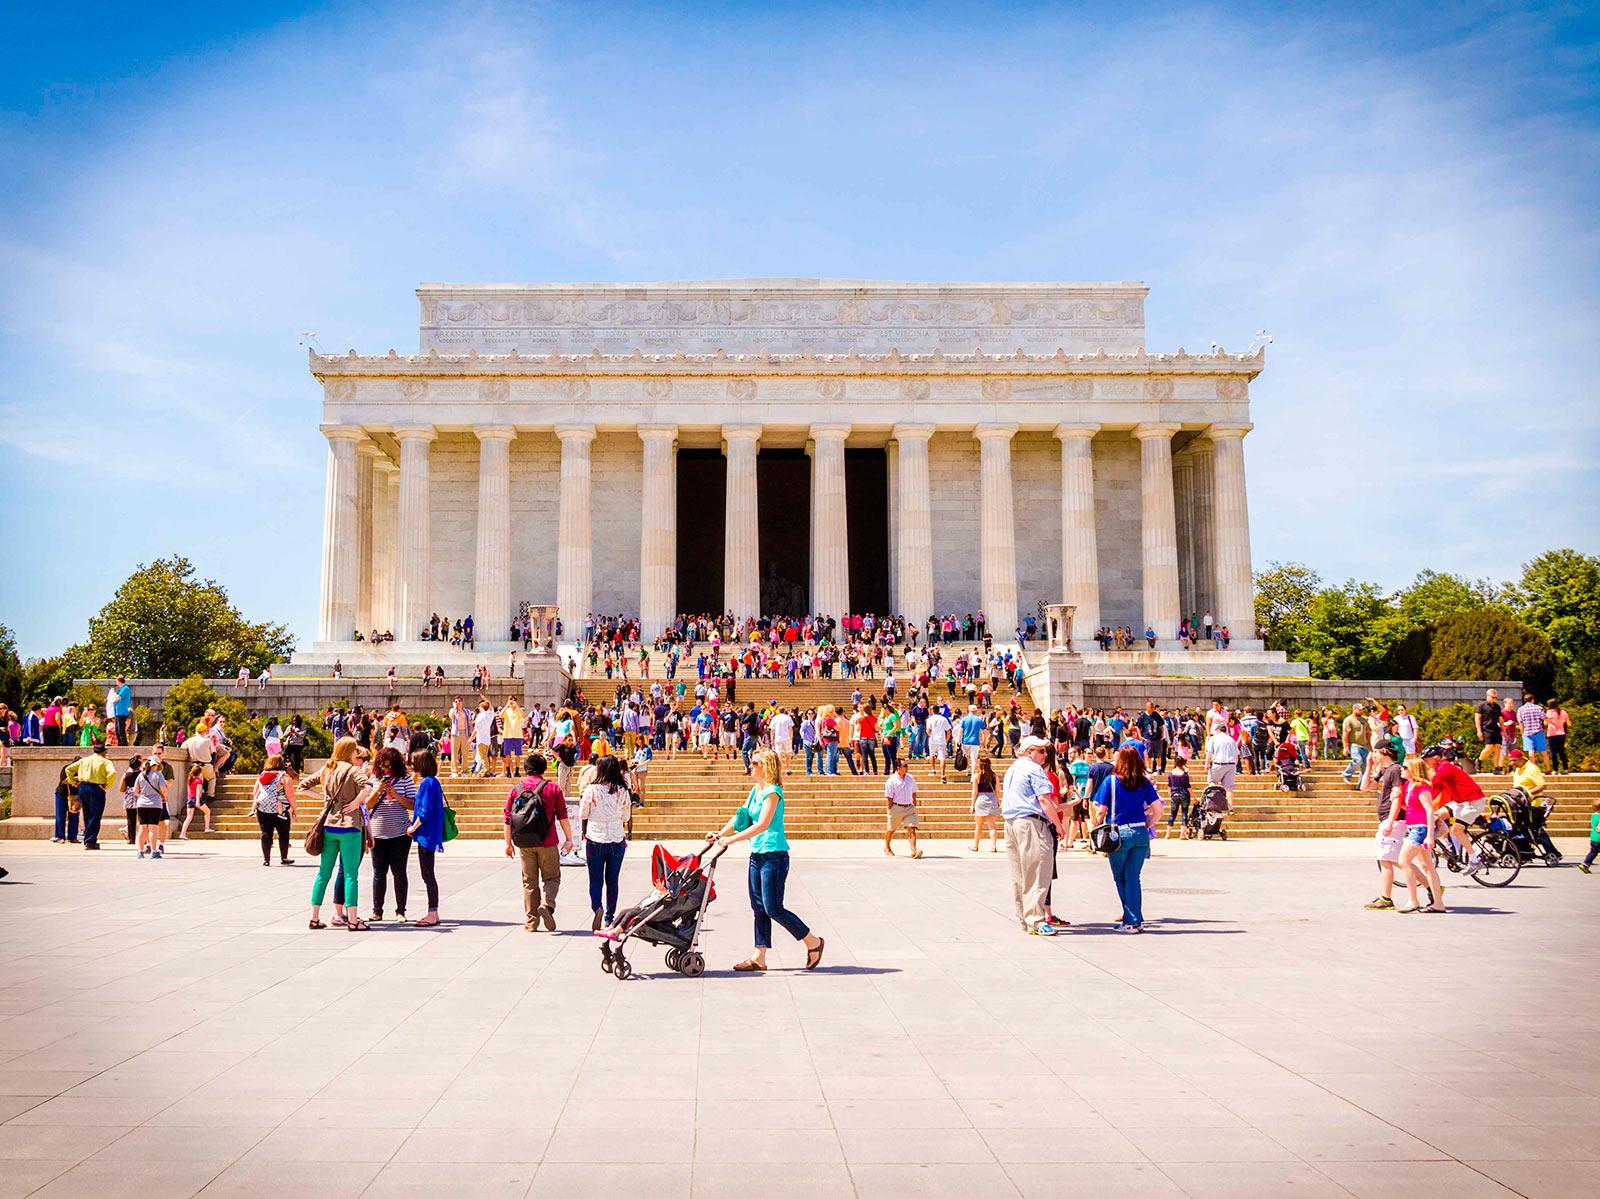 Lincoln Memorial Washington DC, USA.